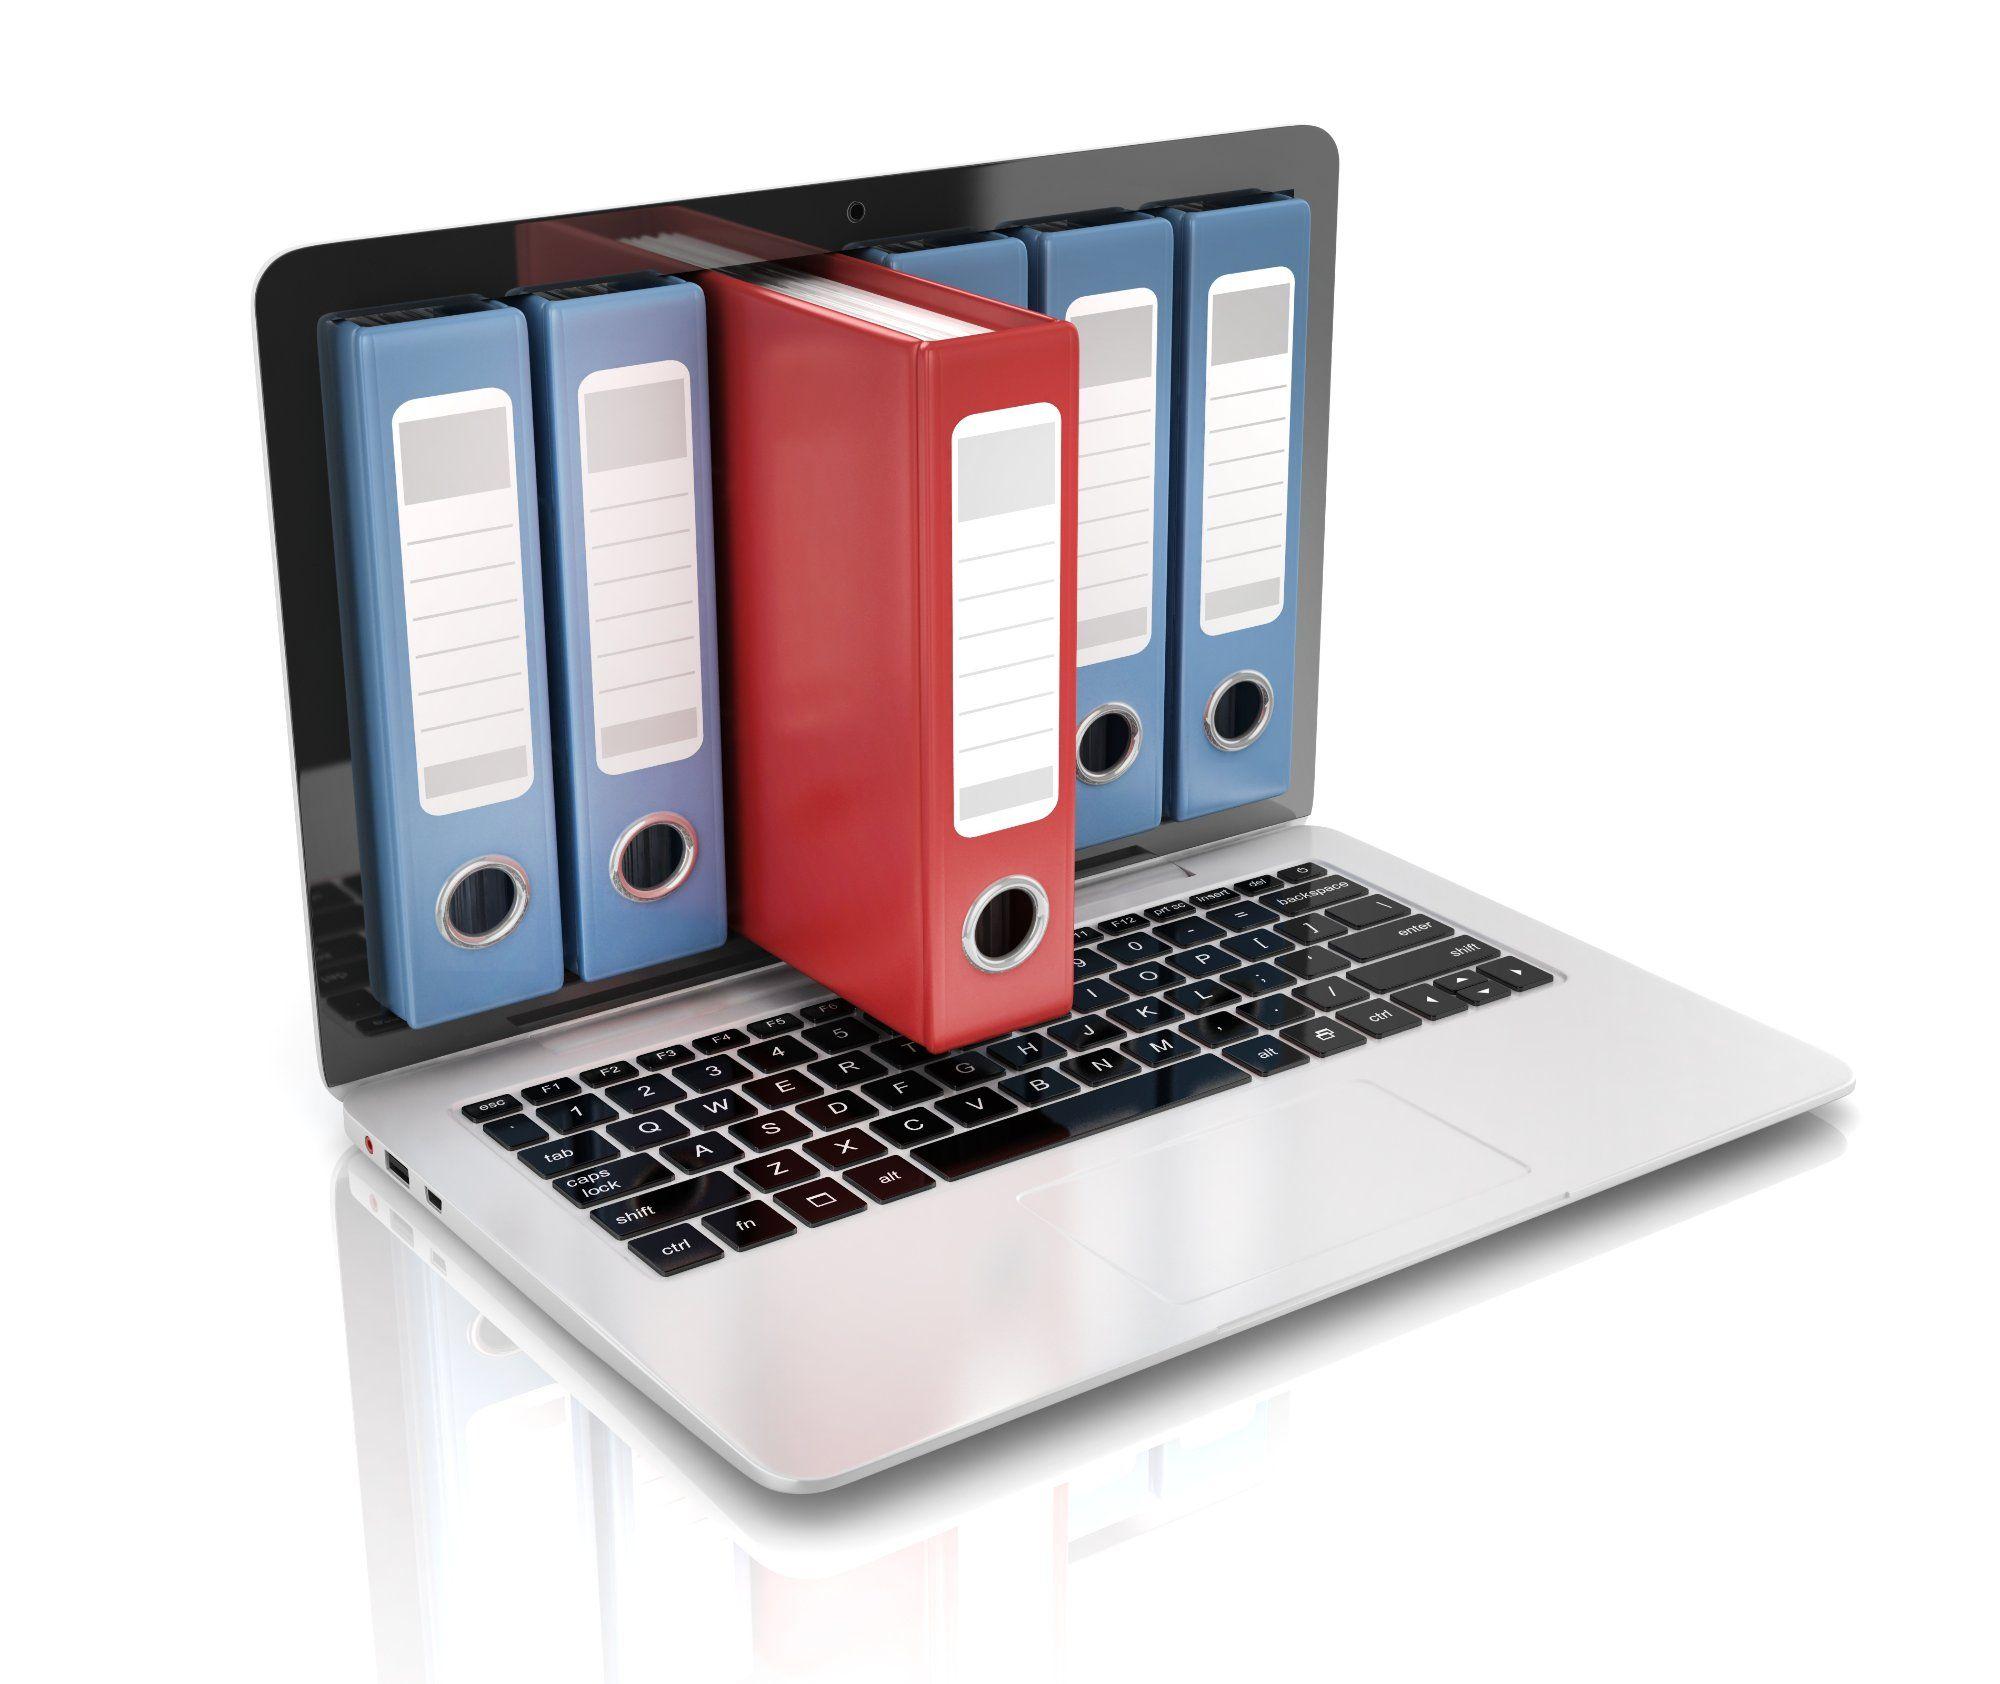 Servicio de renting de impresoras y alquiler de fotocopiadoras a tu medida